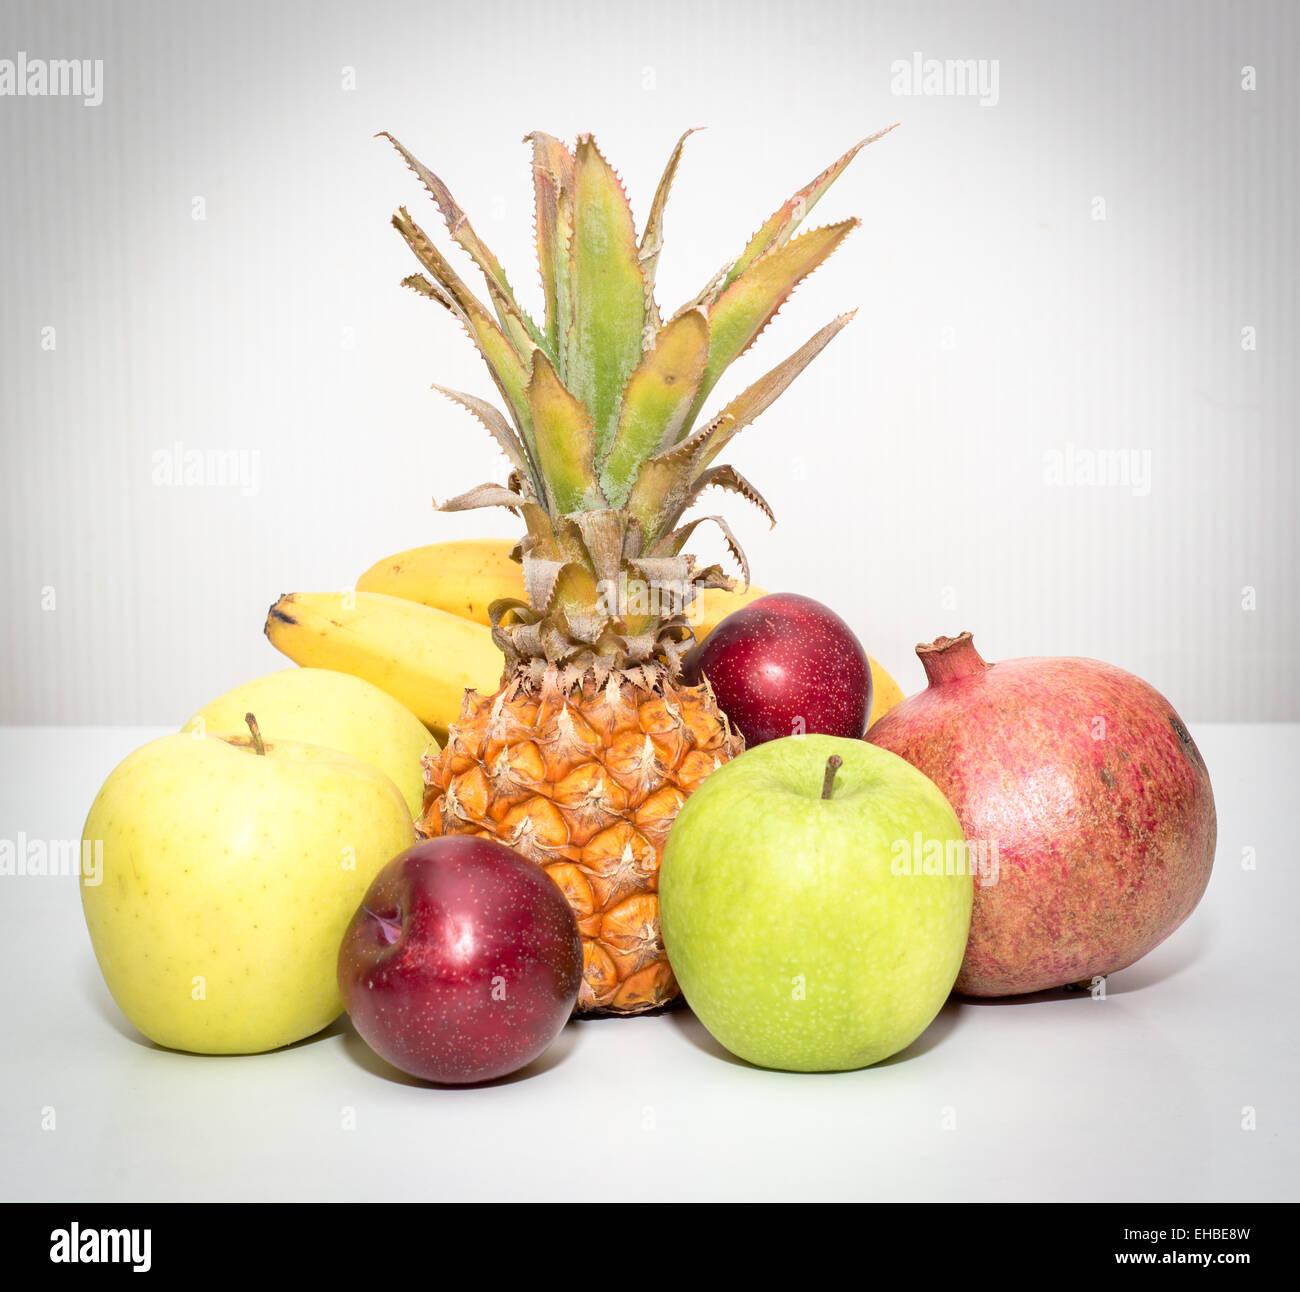 Stillleben mit Früchten Ananas, Äpfel, Bananen, Pflaumen, Granatapfel Stockbild